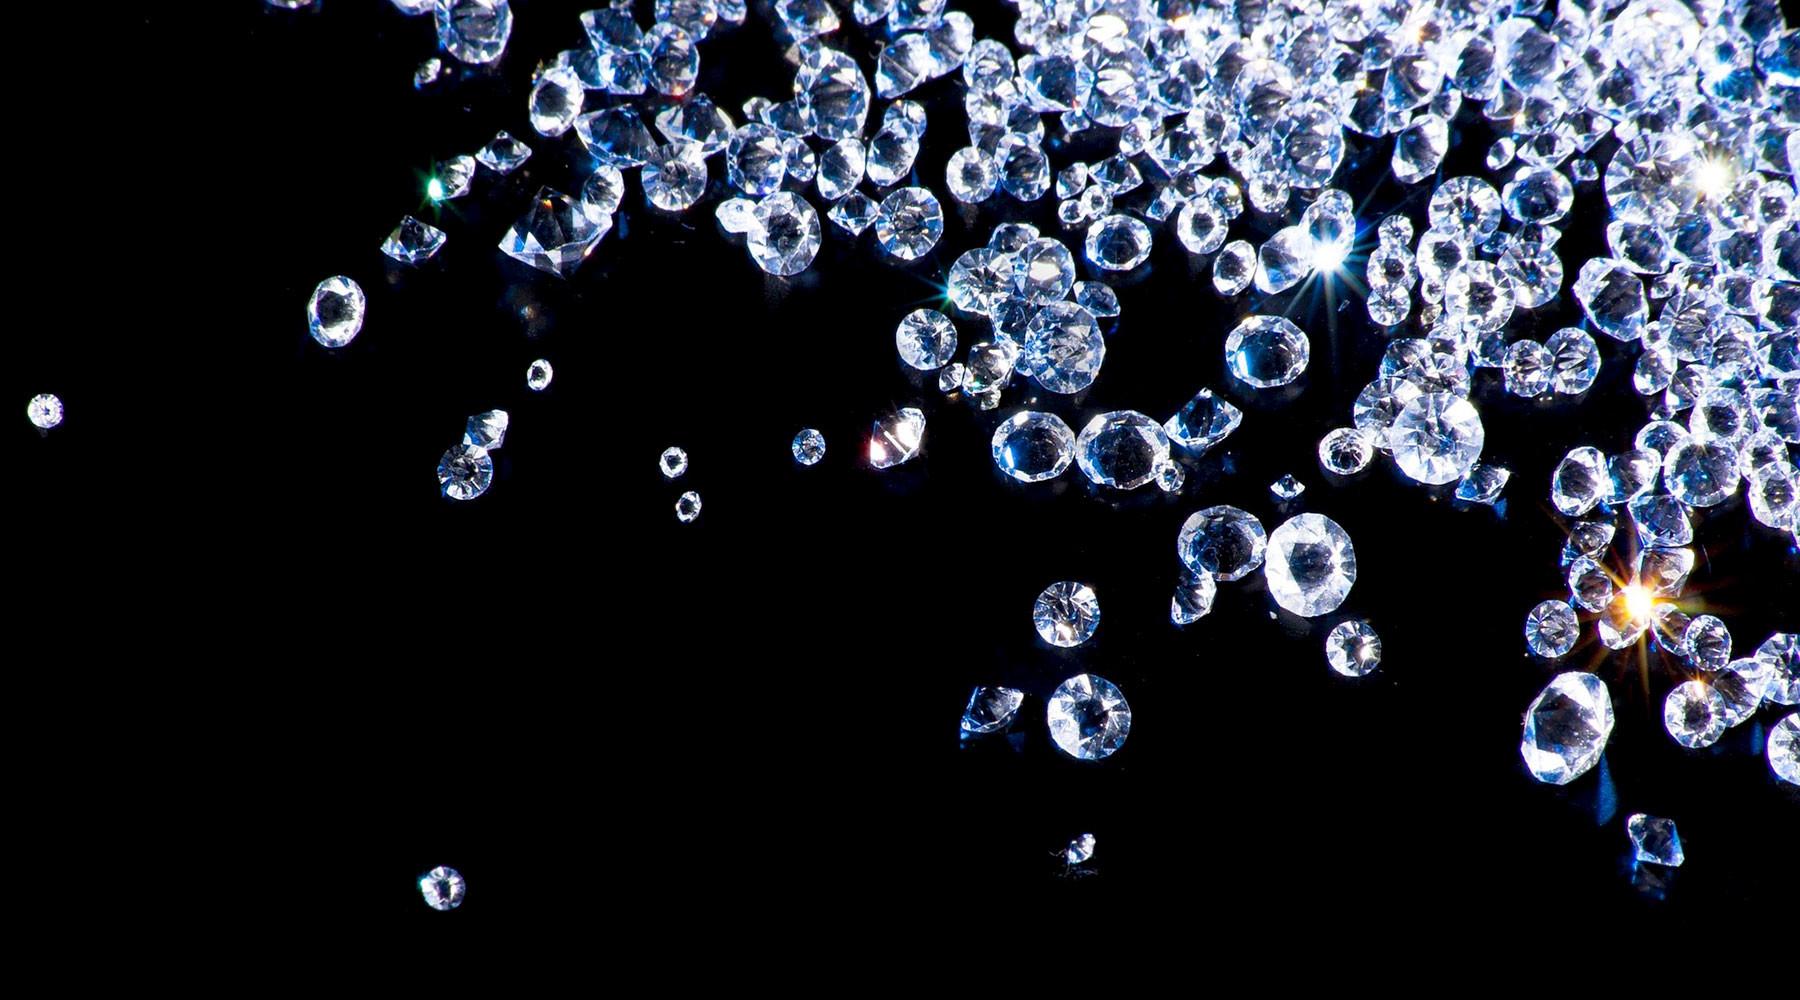 Требует огранки: почему на рынке алмазов возможен масштабный кризис